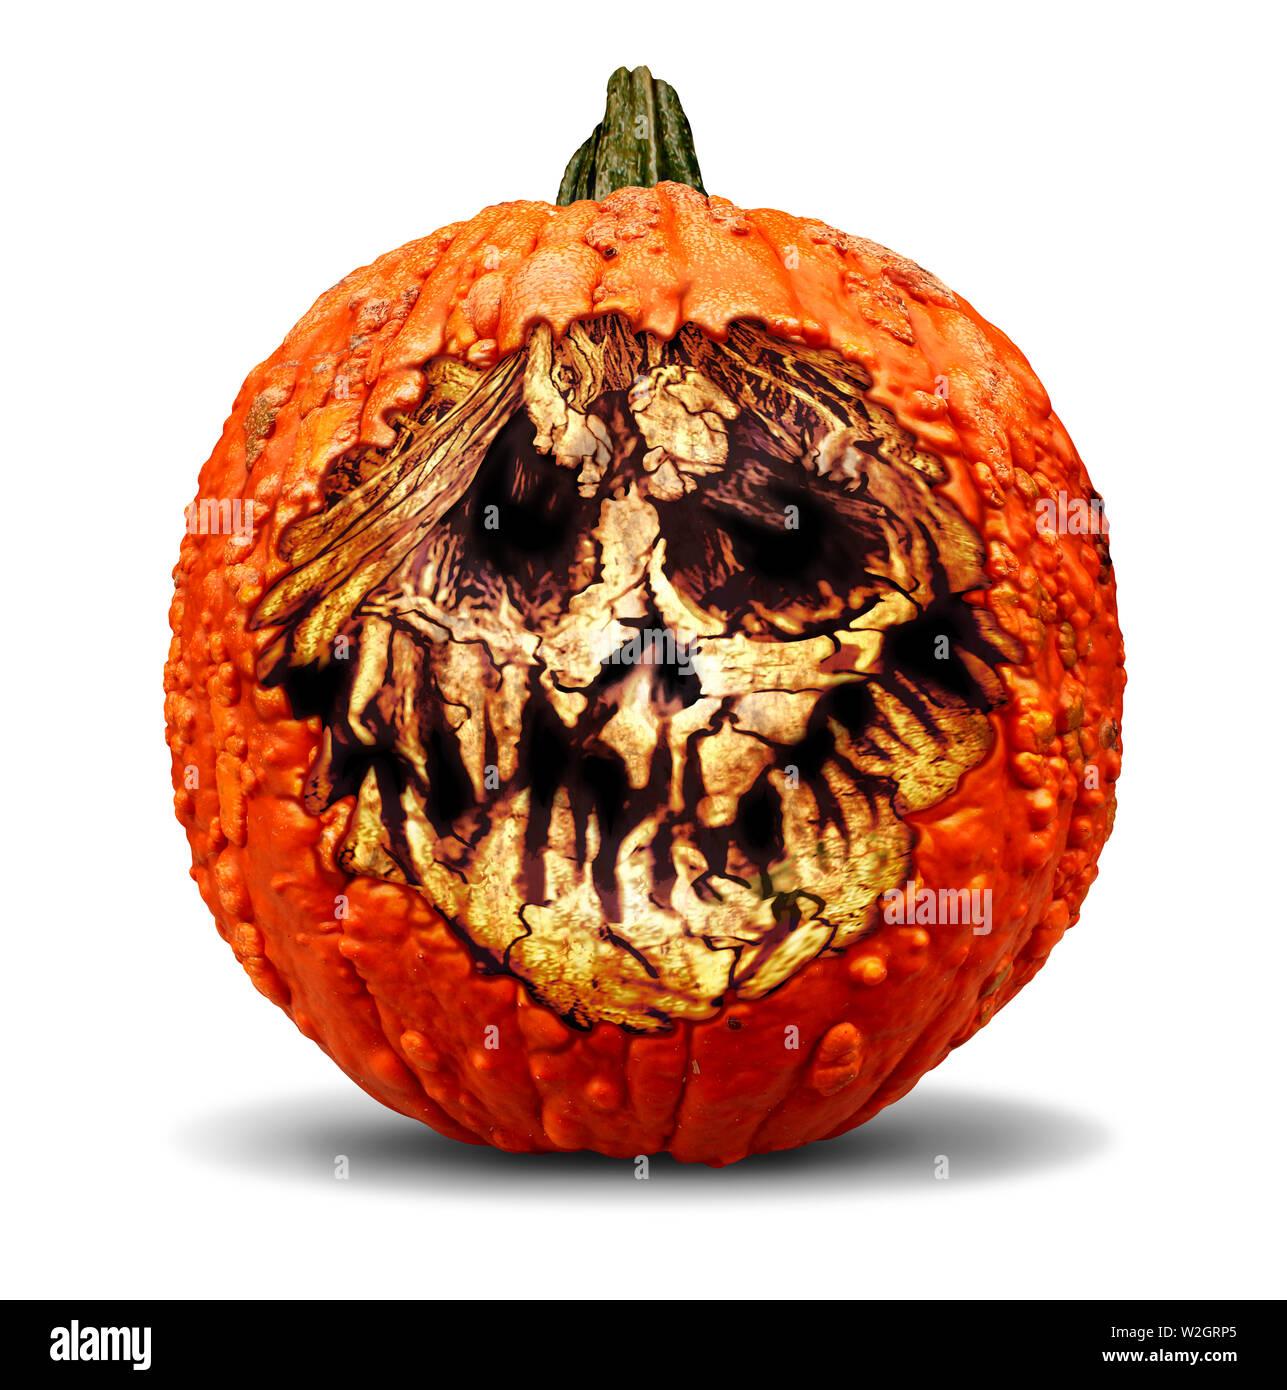 Creepy Halloween jack o lantern calabaza tallado con una expresión de miedo el mal de la muerte y el horror en un estilo de ilustración 3D. Foto de stock